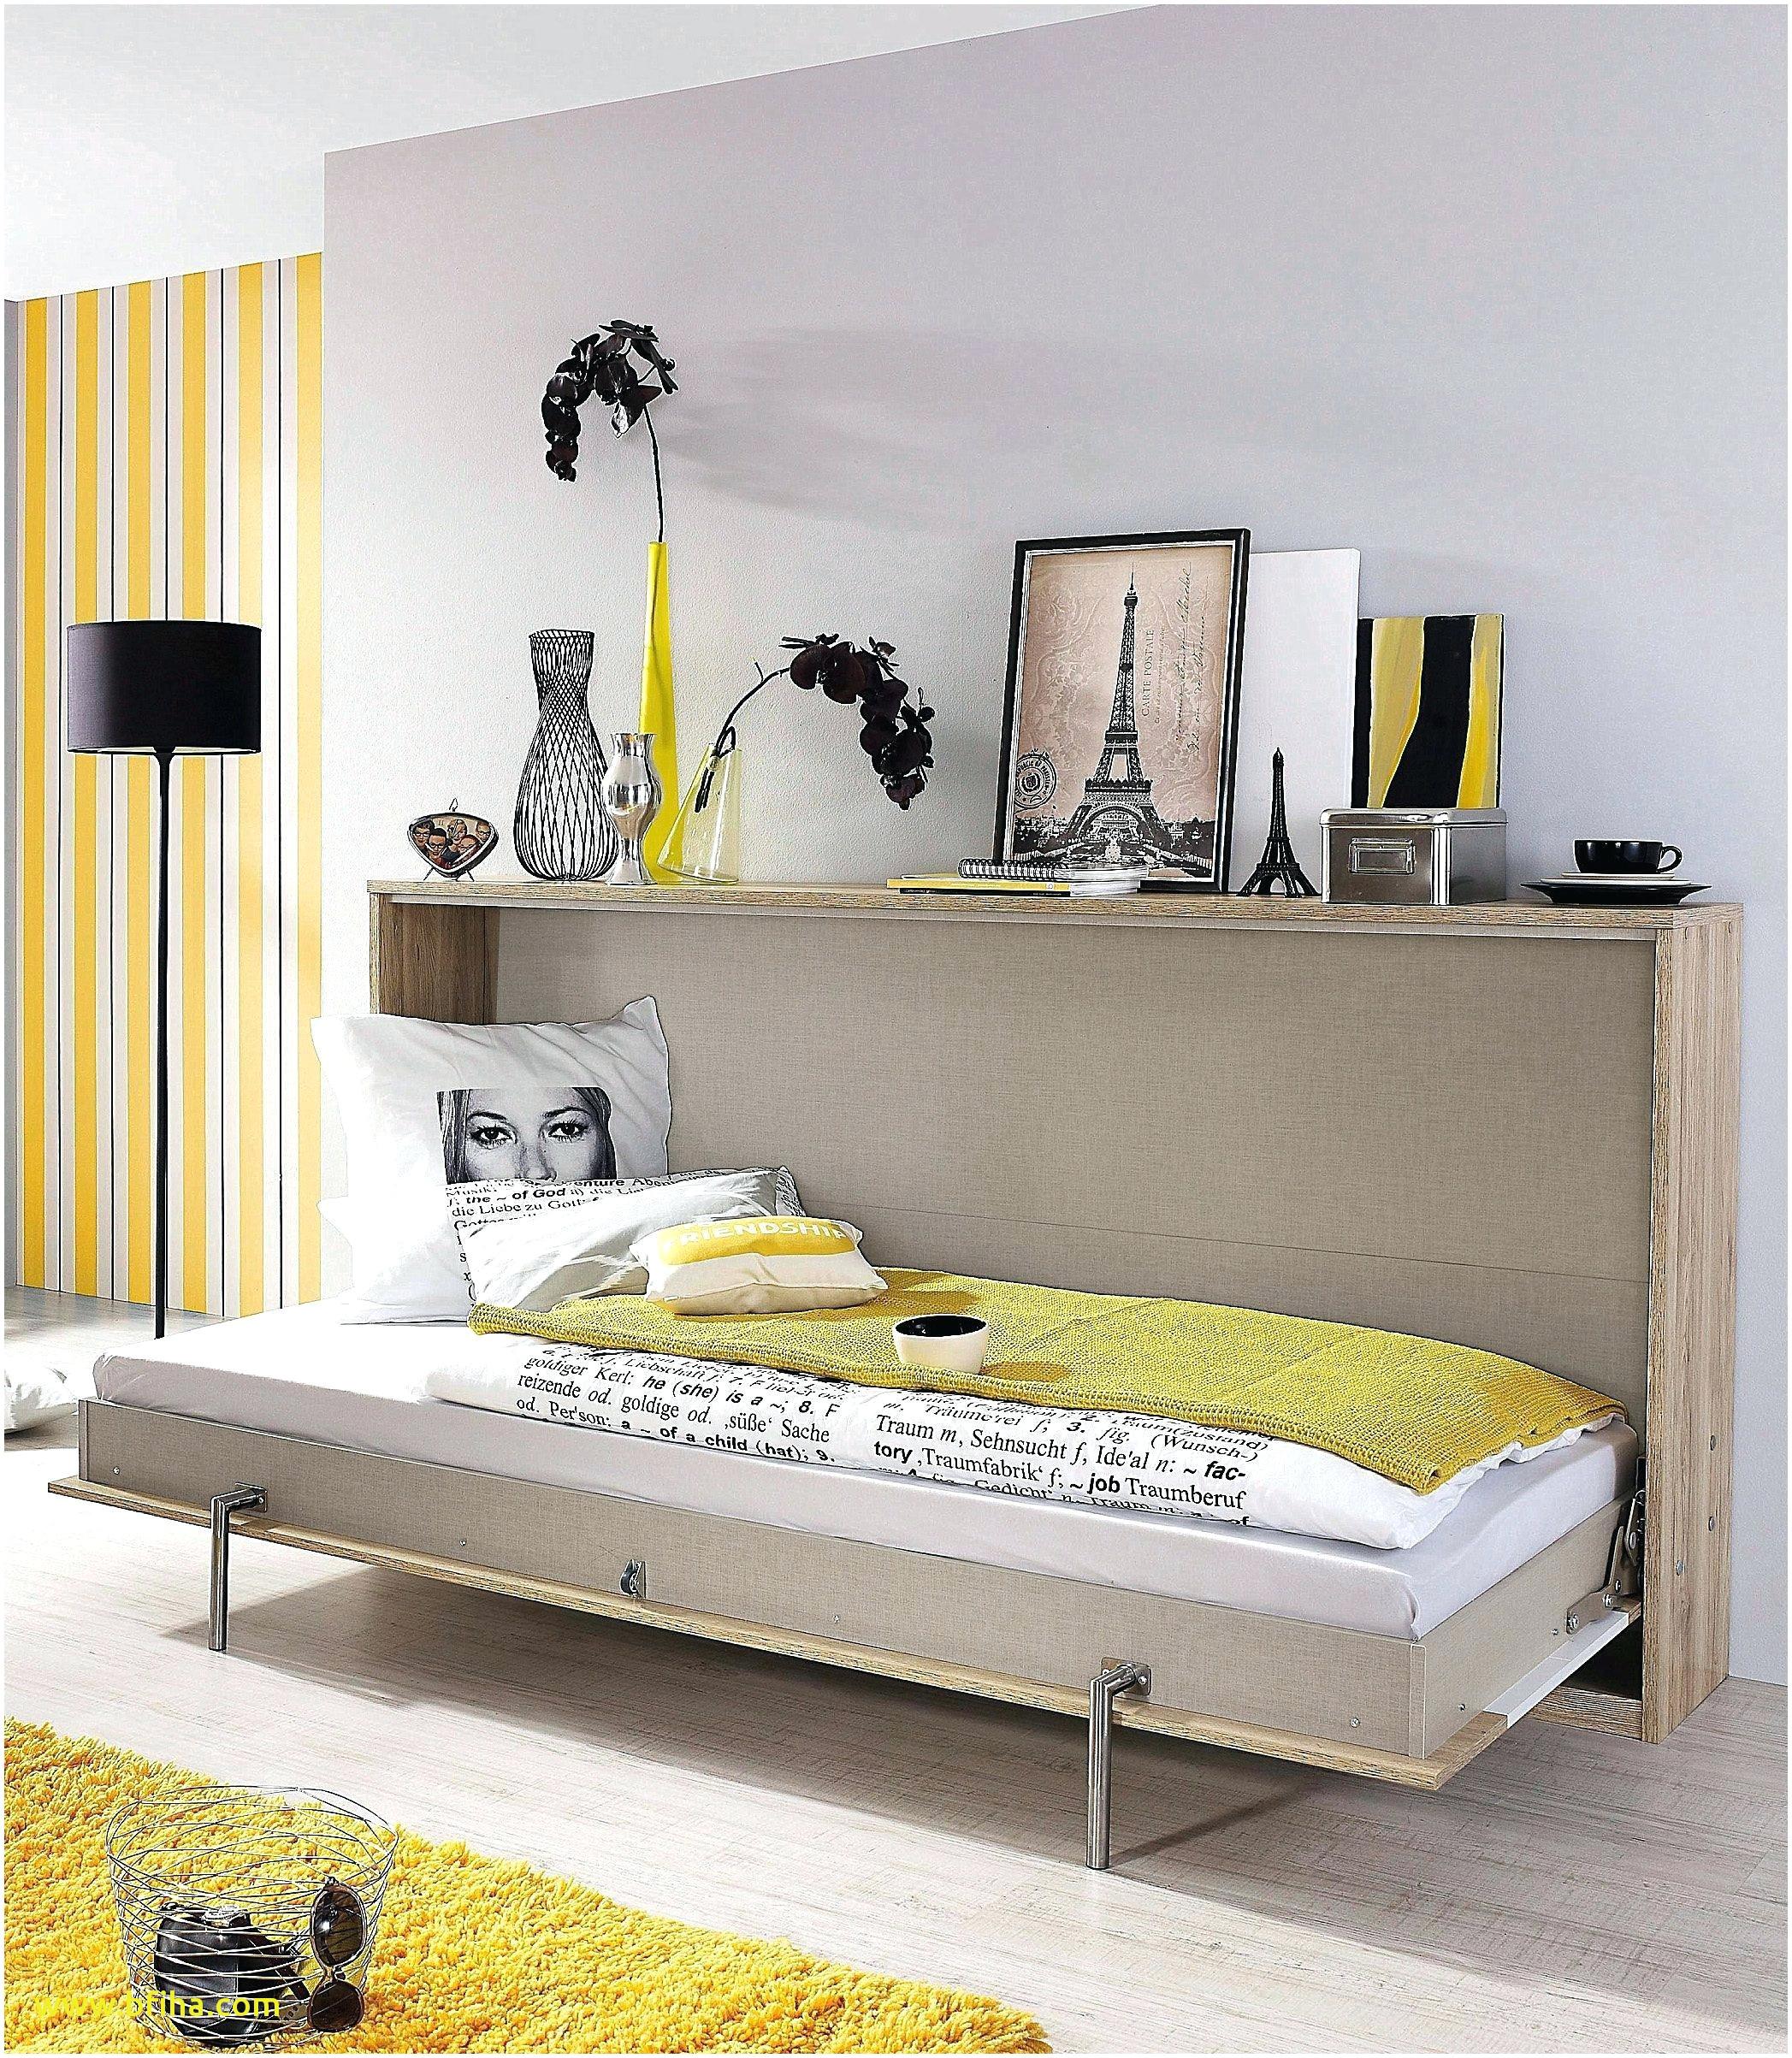 spiegelschrank ikea 36 best ikea bedroom dresser bedroom design inspiration 2018 of spiegelschrank ikea jpg